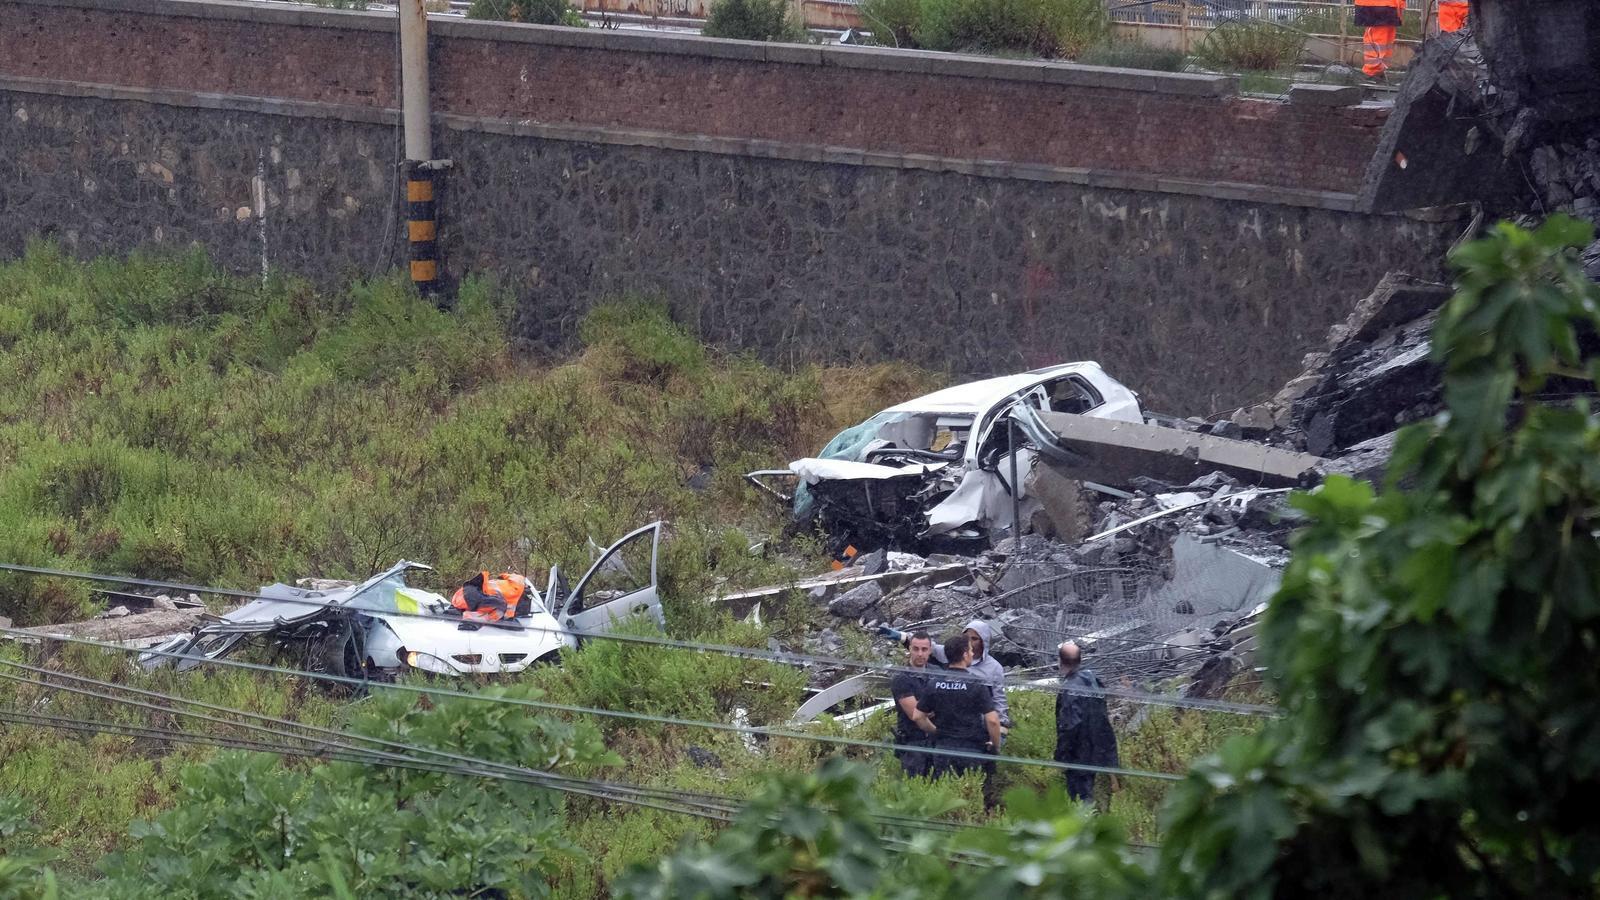 El serveis de rescat busquen supervivent entre els cotxes qua han caigut al buit amb l'esfondrament del pont Morandi